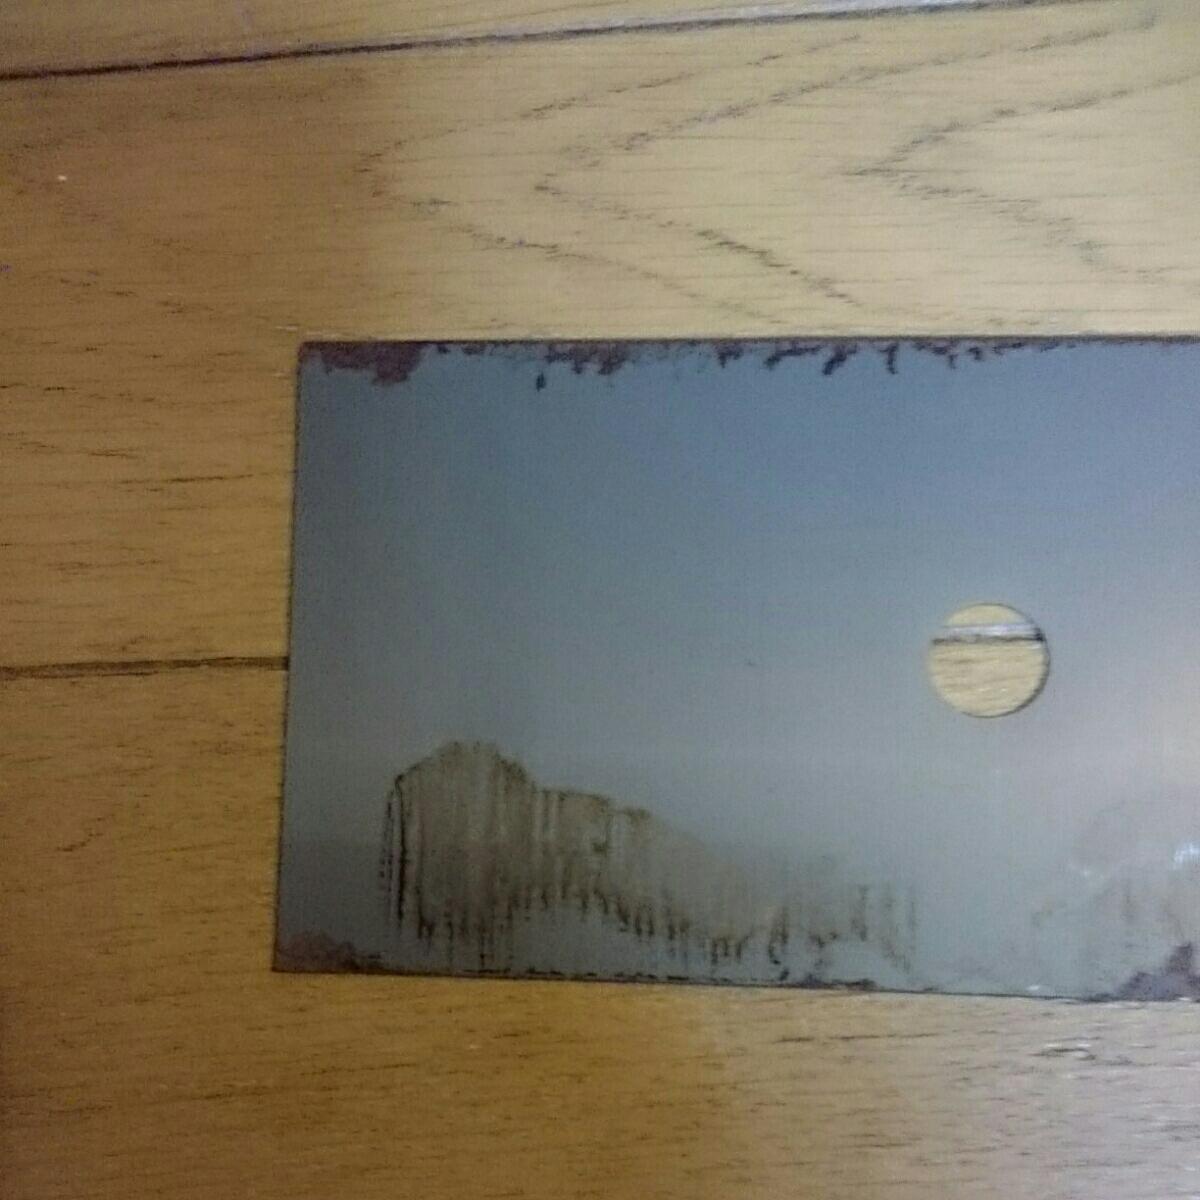 お値打ち鋼材 切板 平鋼 鋼板 鉄板 フラットバー 鉄 補強材 ストッパー 穴明き 薄板t0.5㎜ 長さ約235×75㎜ 新品 作業台 DlY等々に_画像2